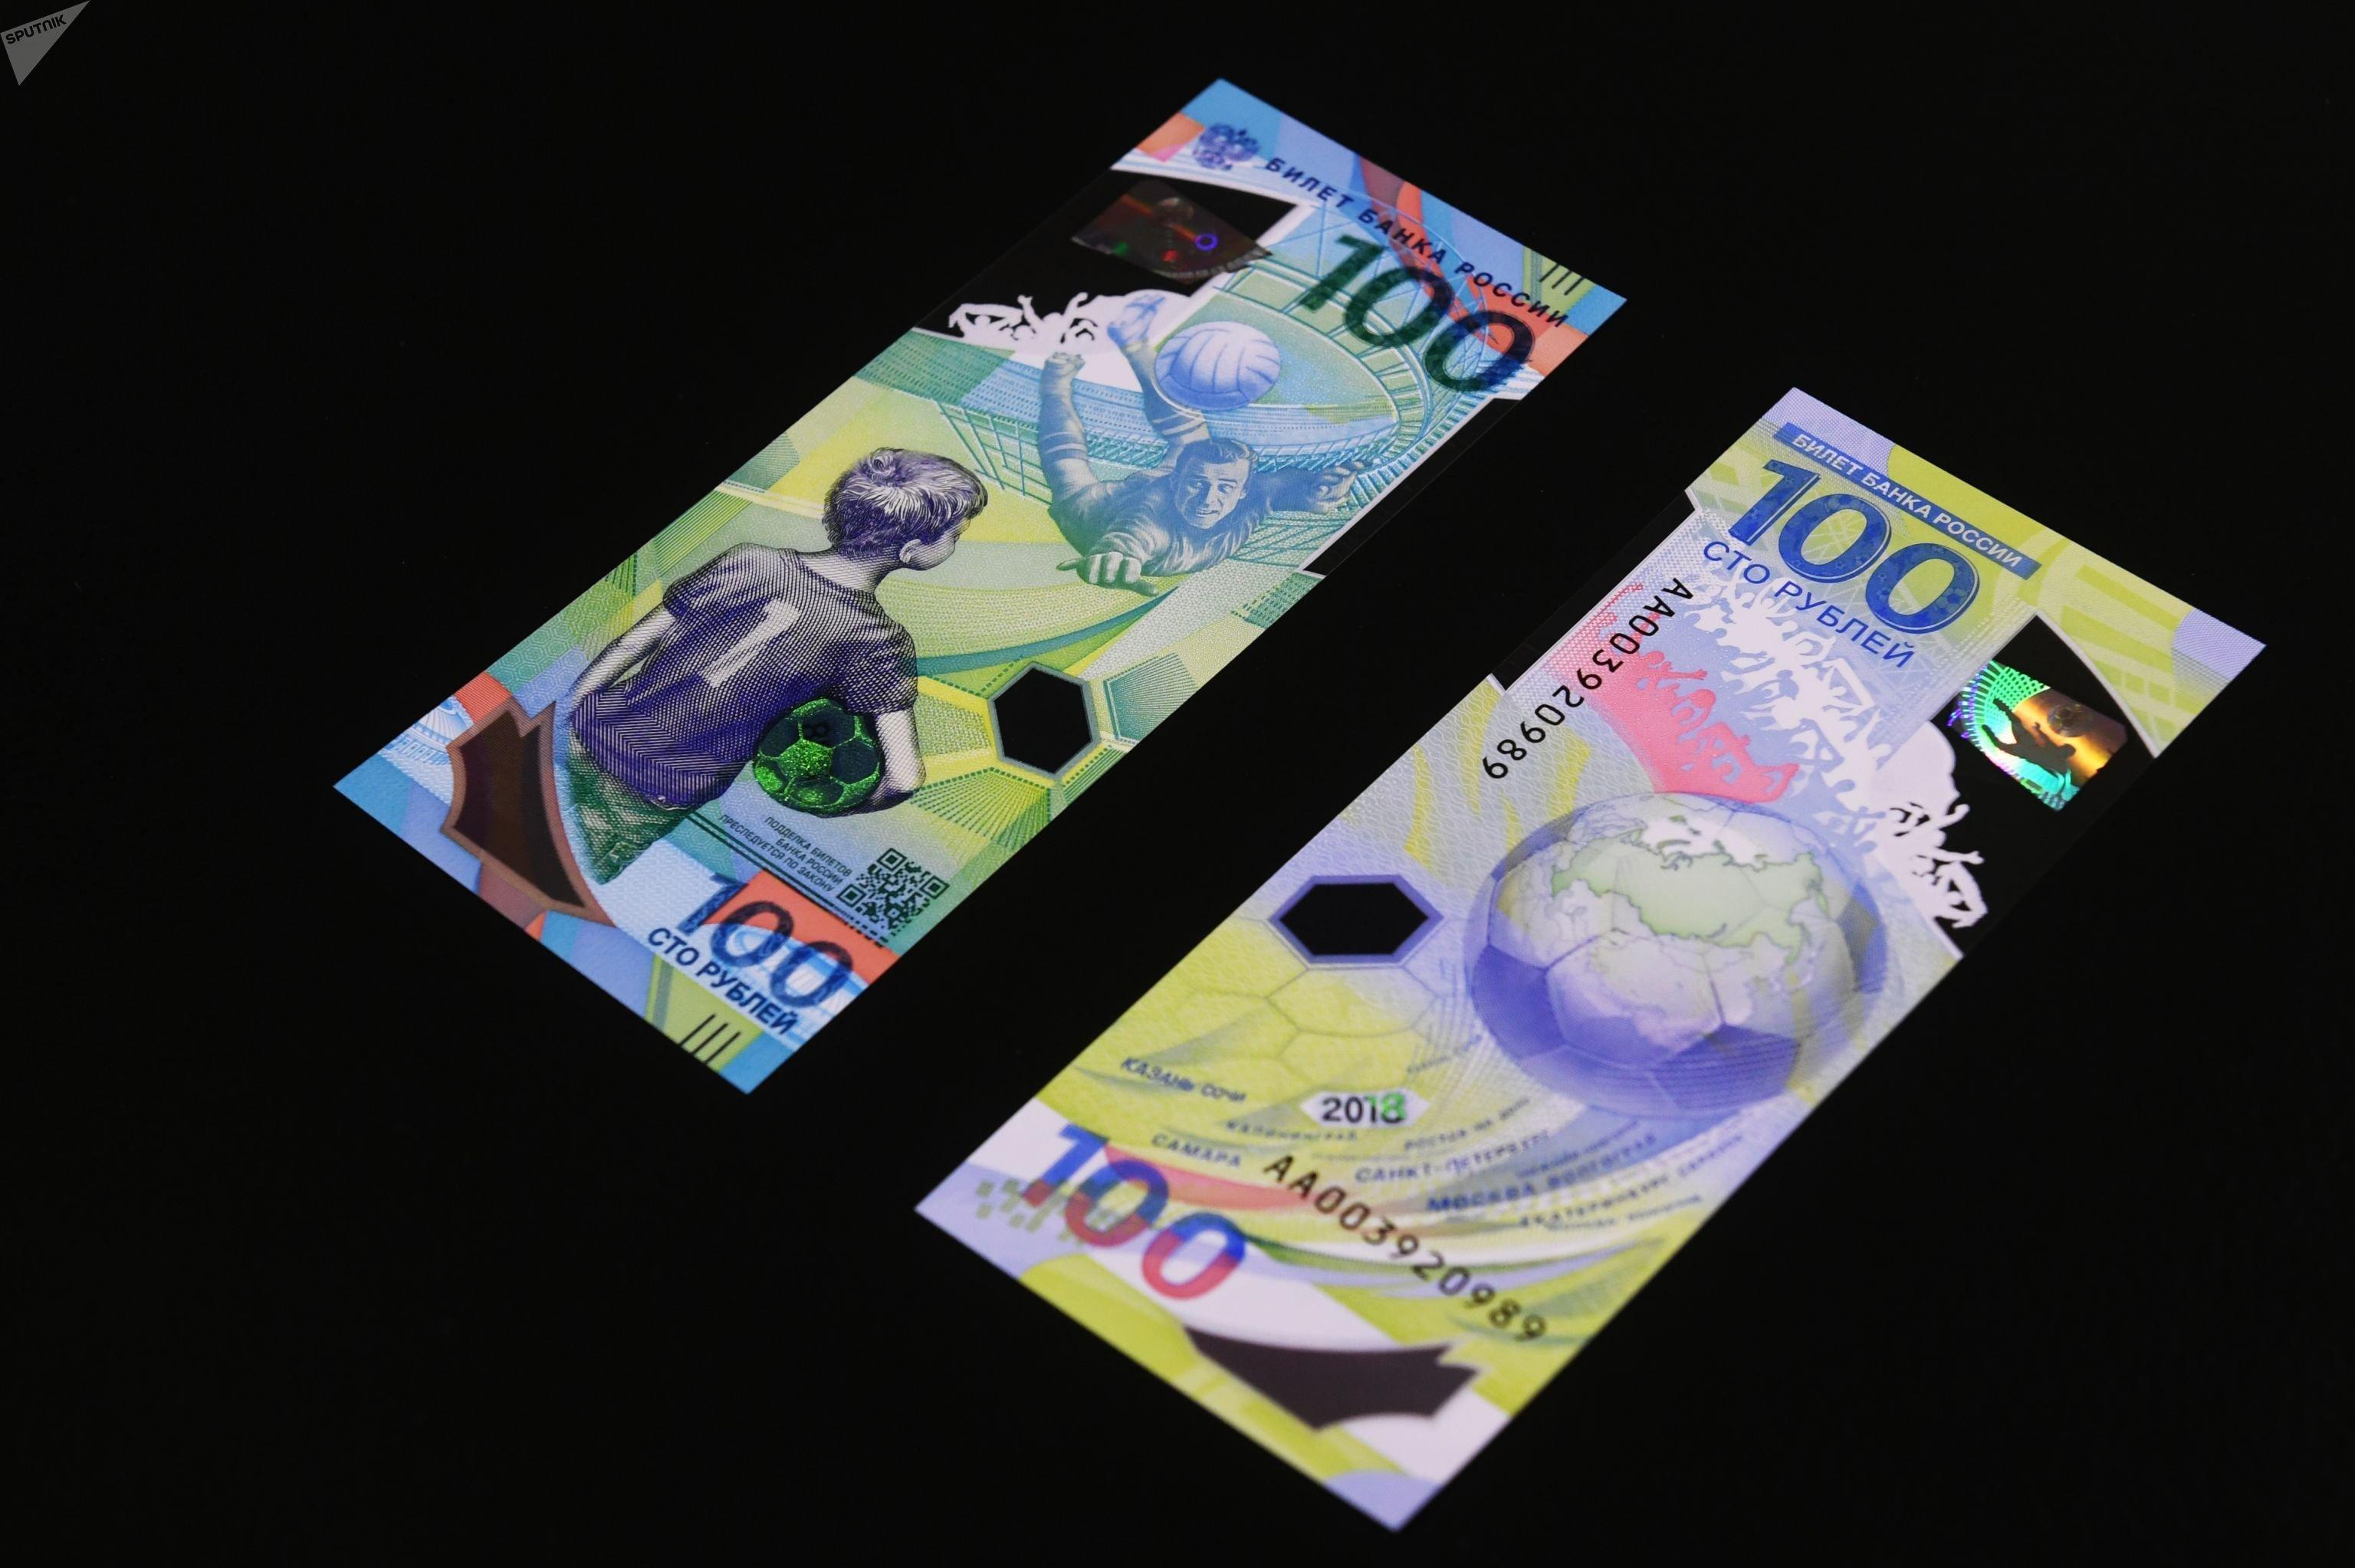 Delle banconote da 100 rubli